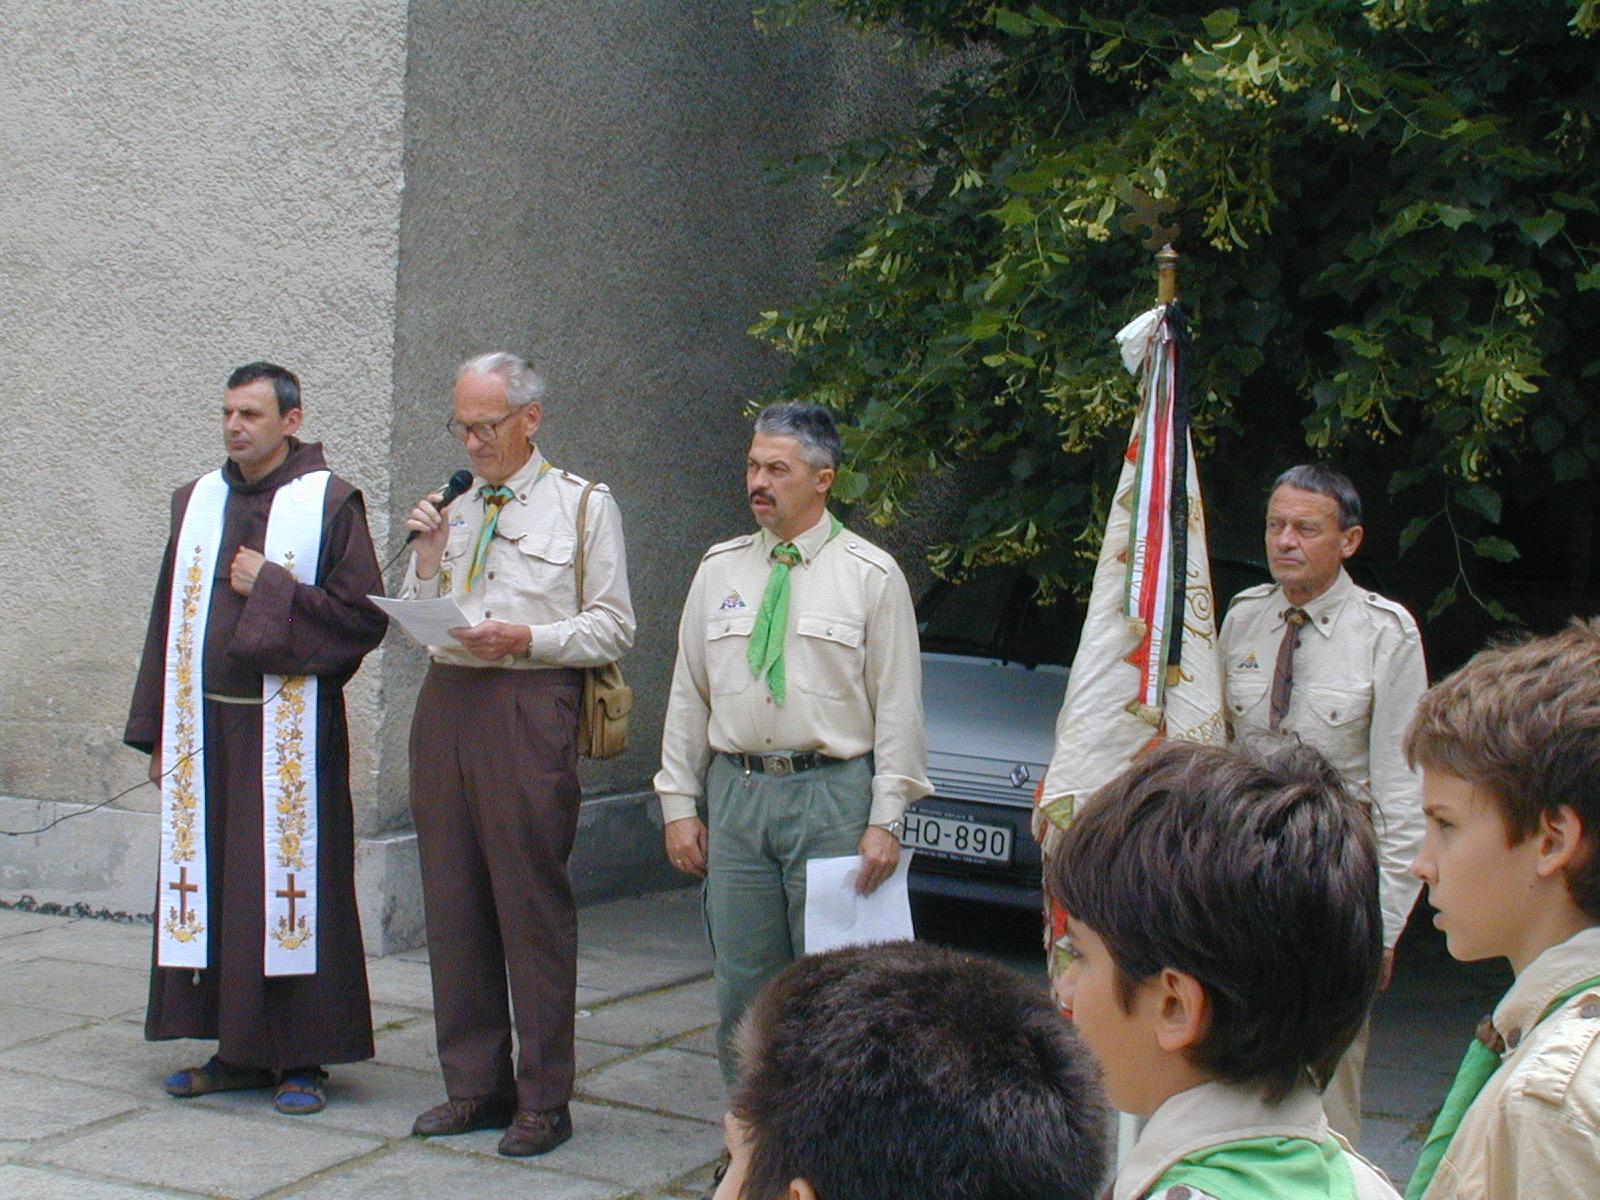 1999-es fogadalomtételen a templomkertben